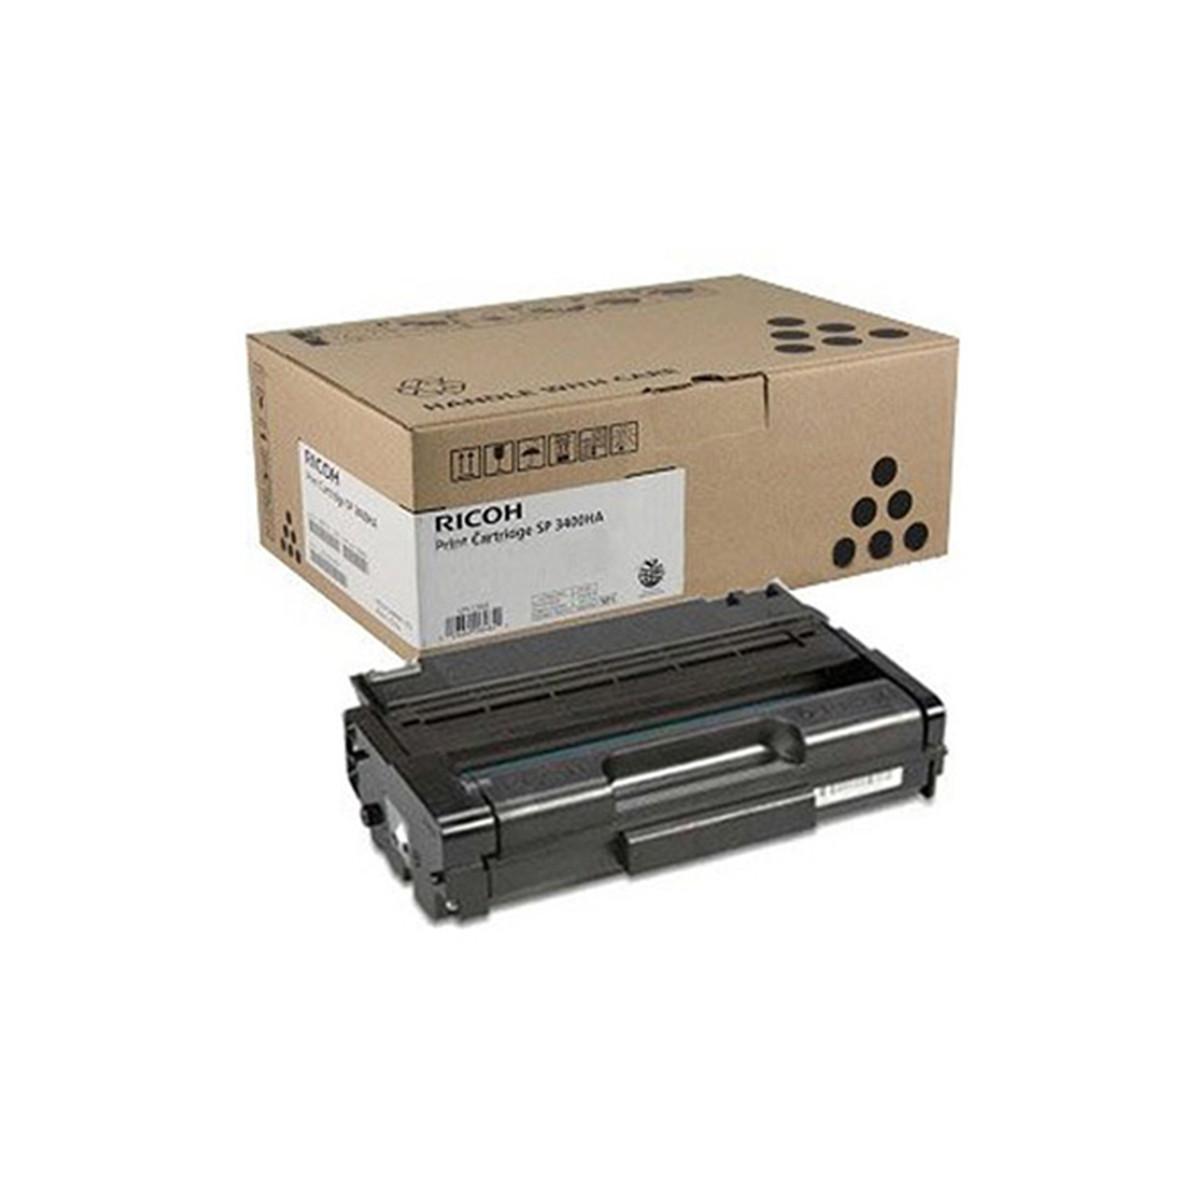 Toner Ricoh SP3500 SP3510 SP3400LA SP3400XA SP3500HA SP3500BR | SP-3500SF SP-3510SF | Original 6.4k